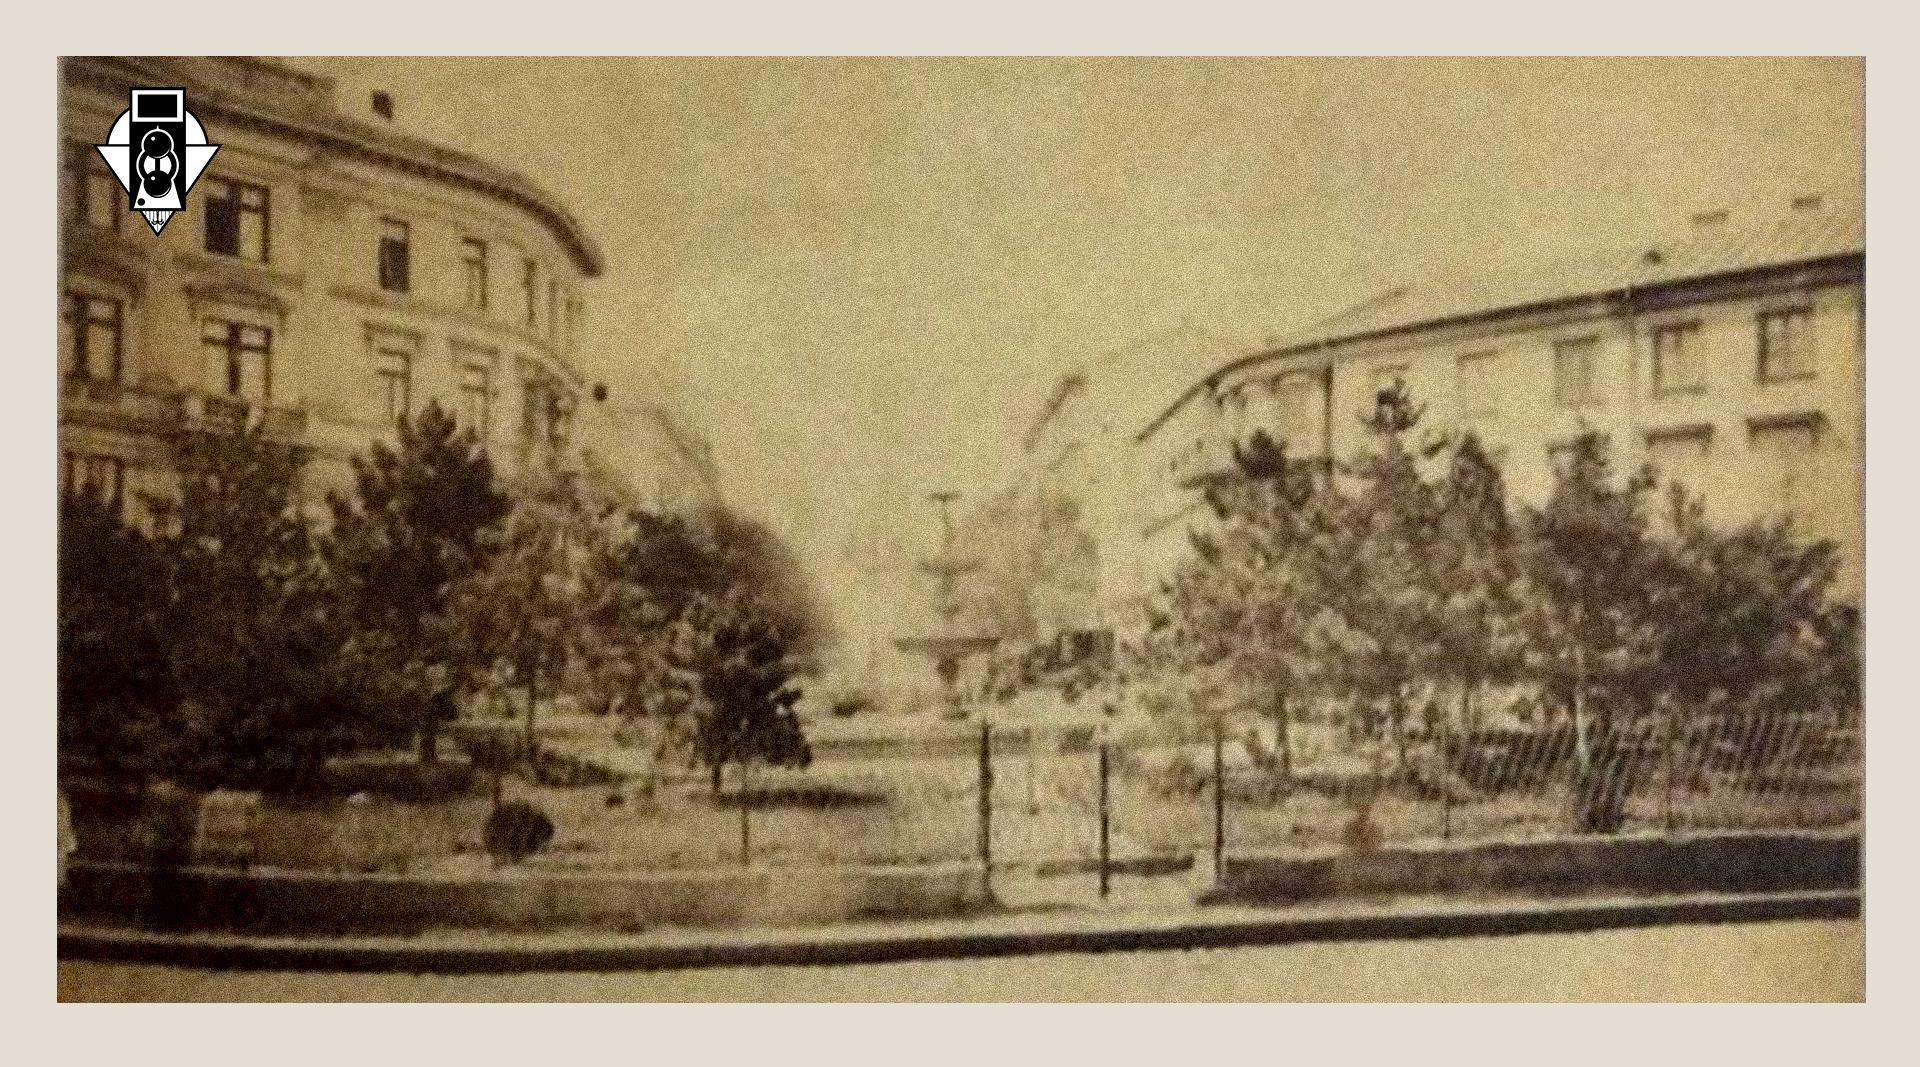 Фотограф-этнограф Ж. Рауль. 1860-ые